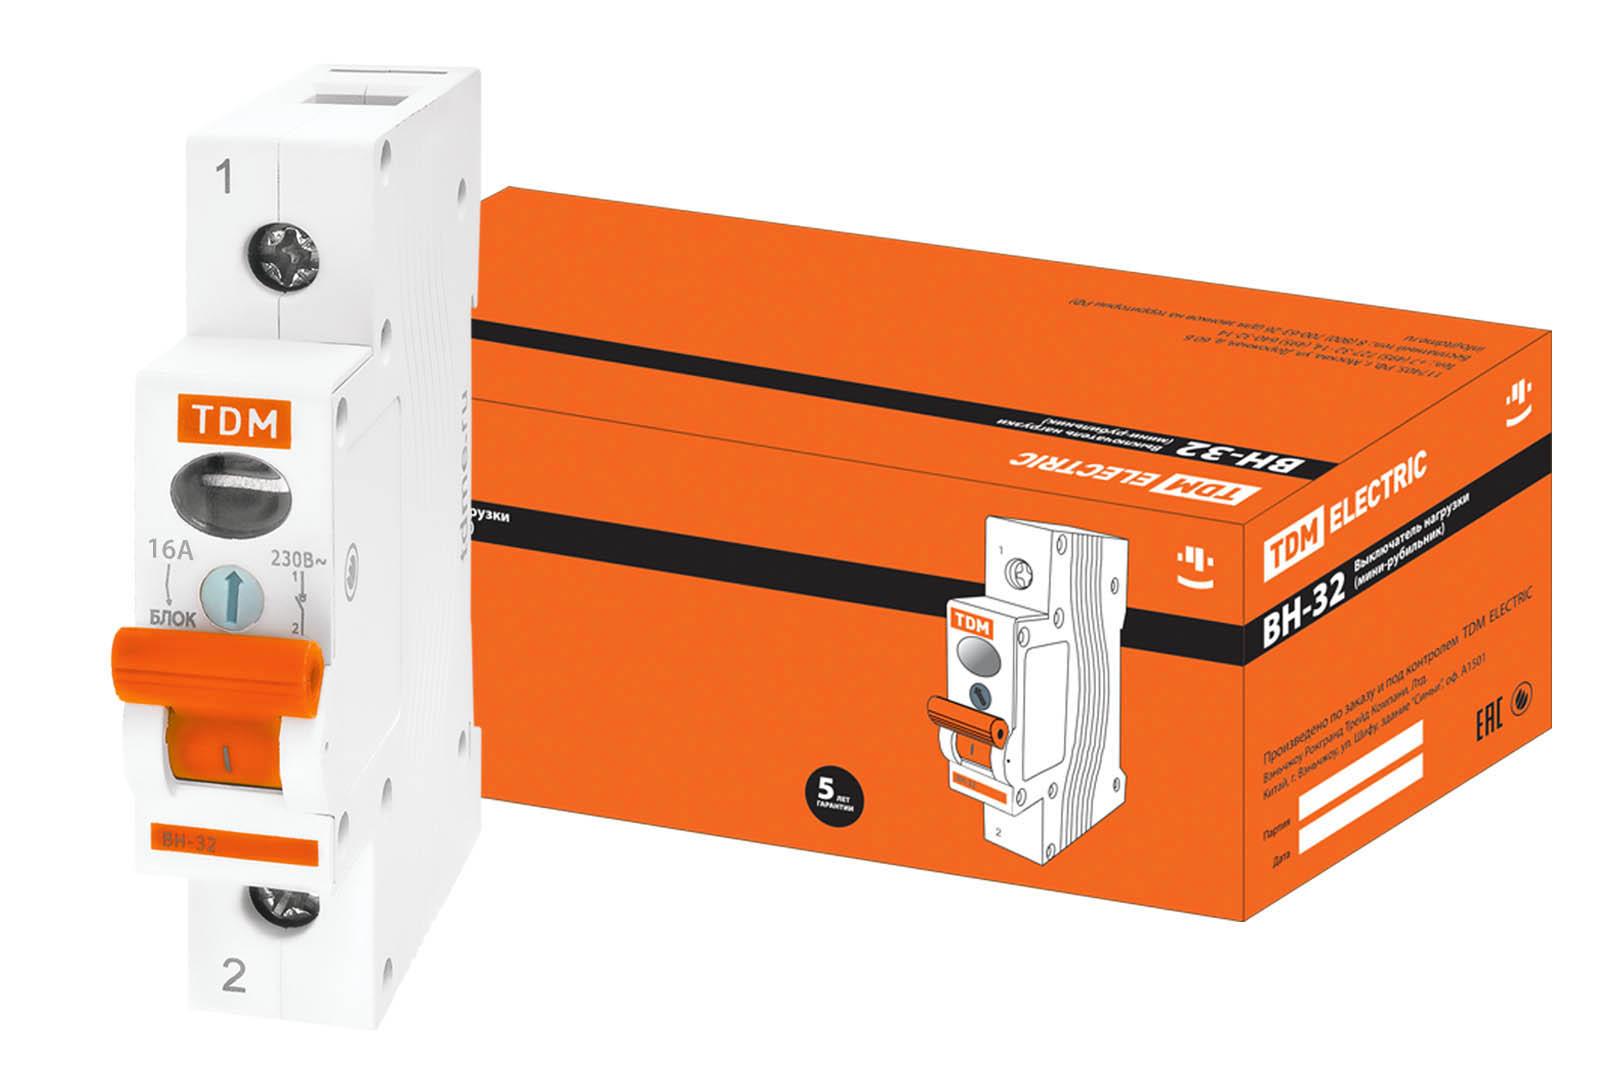 Рубильник Tdm Sq0211-0001 выключатель нагрузки мини рубильник tdm вн 32 4p 100a sq0211 0039